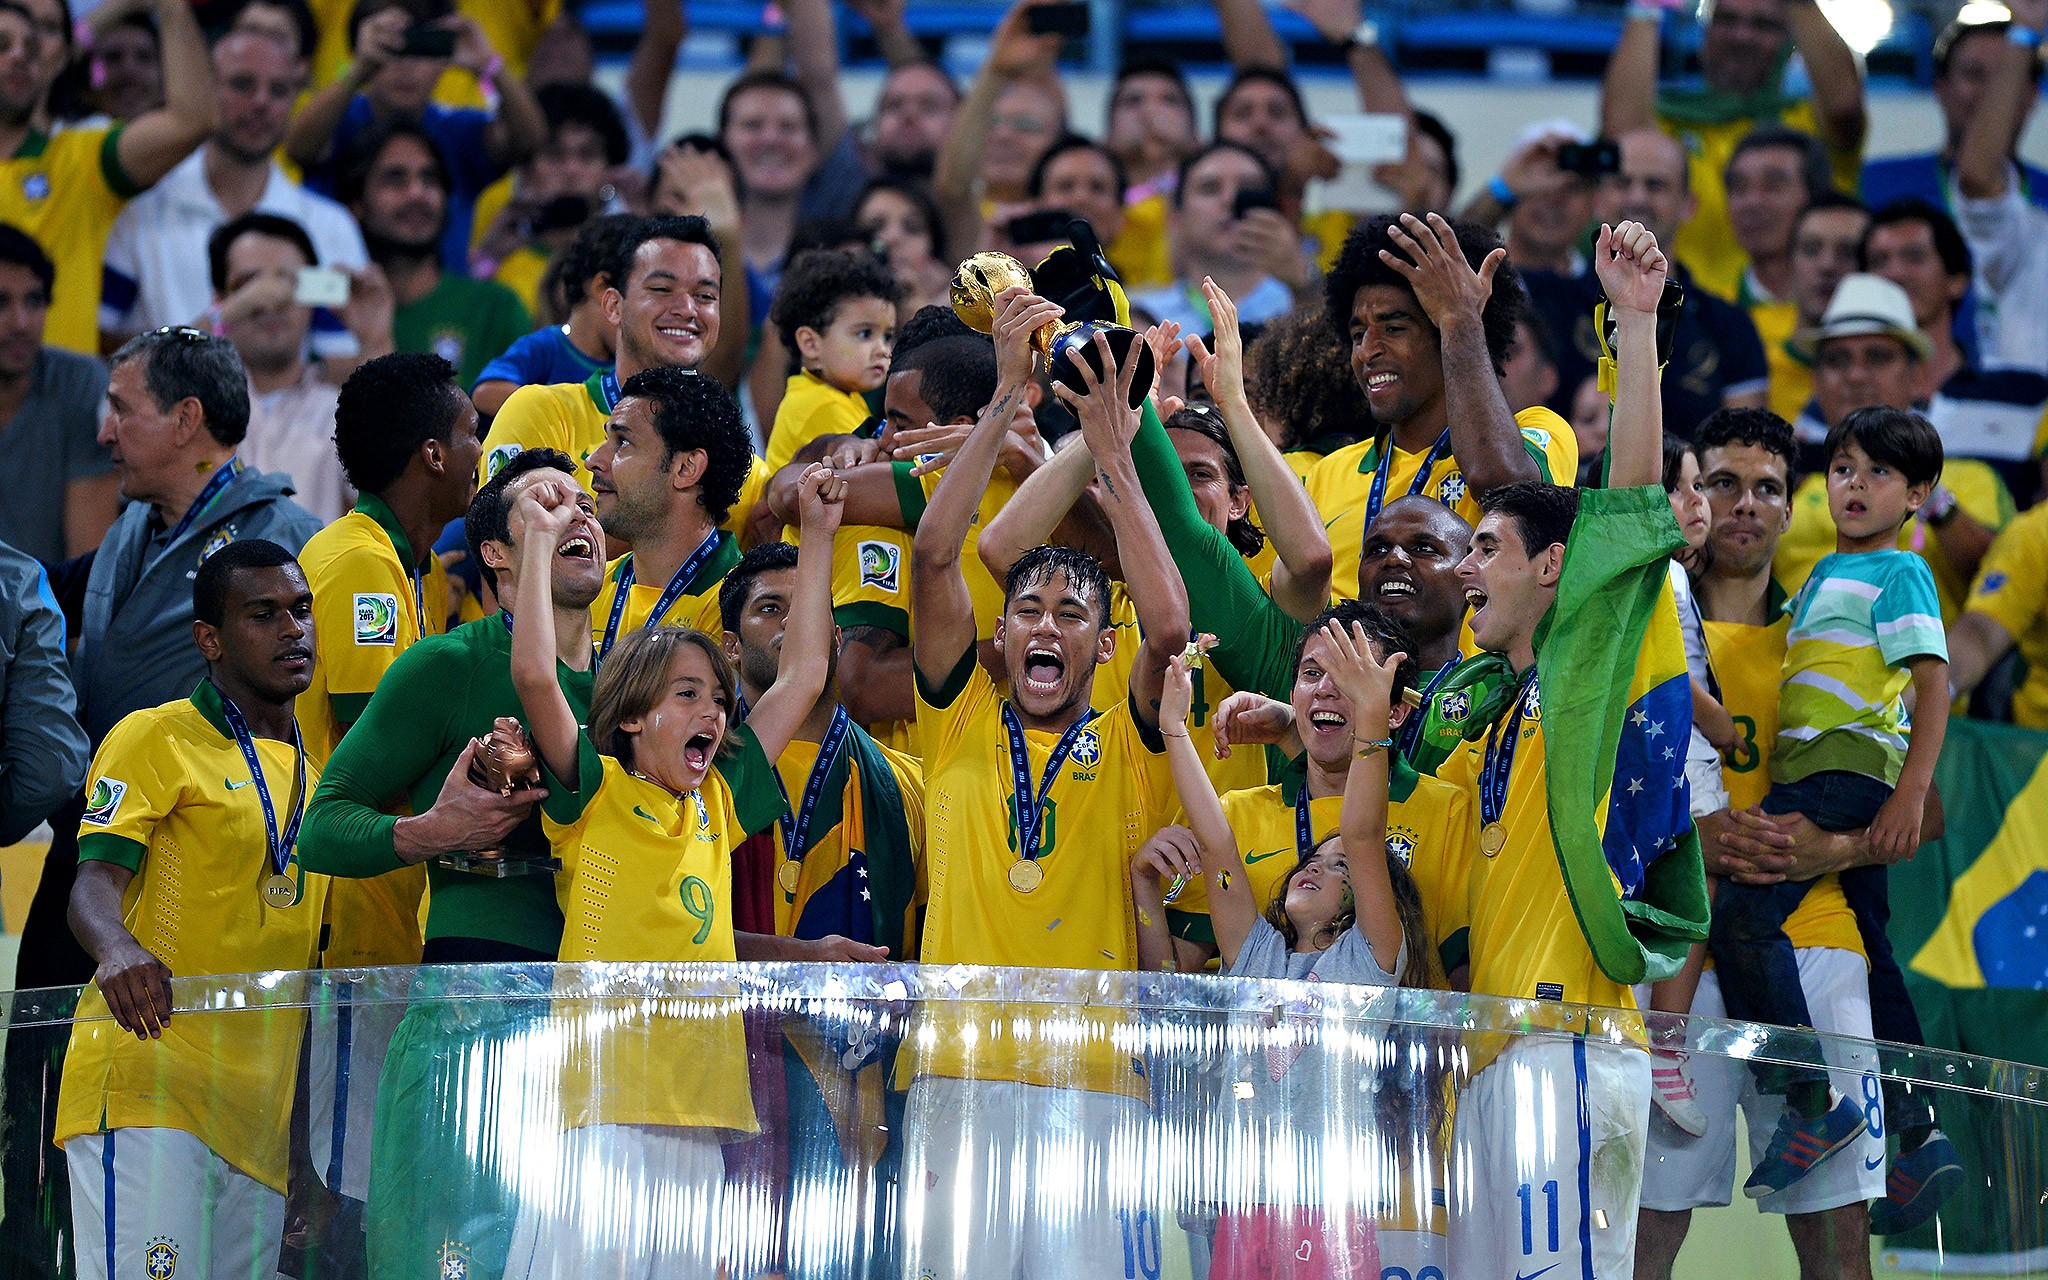 2013年联合会杯 回顾2013年联合会杯:为足球空档期带来别样的精彩